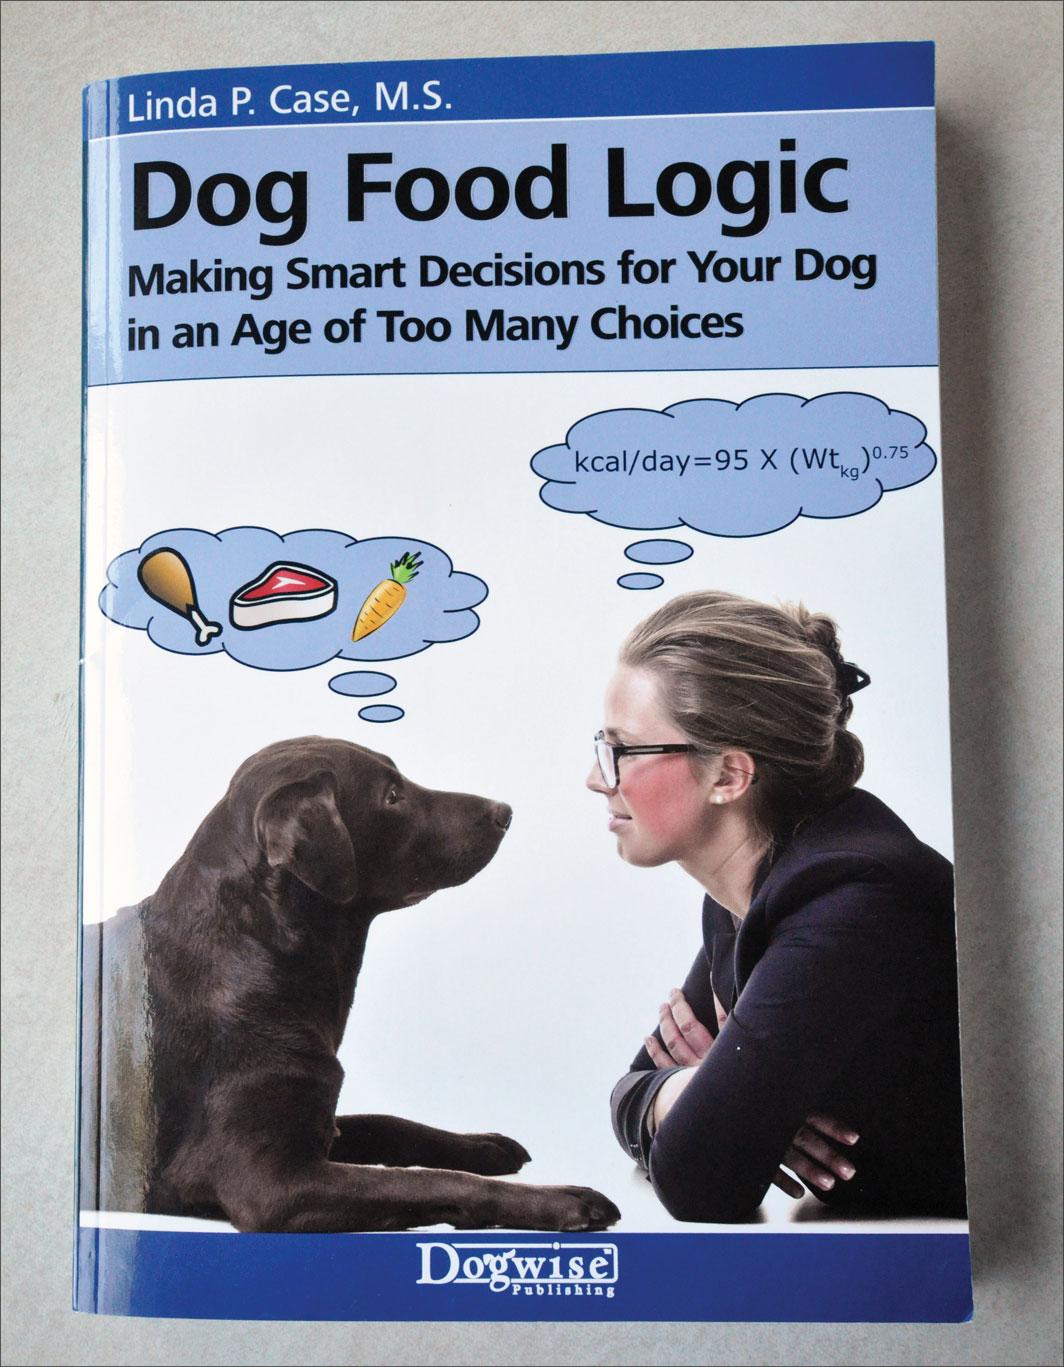 Dog Food Logic by Linda P. Case